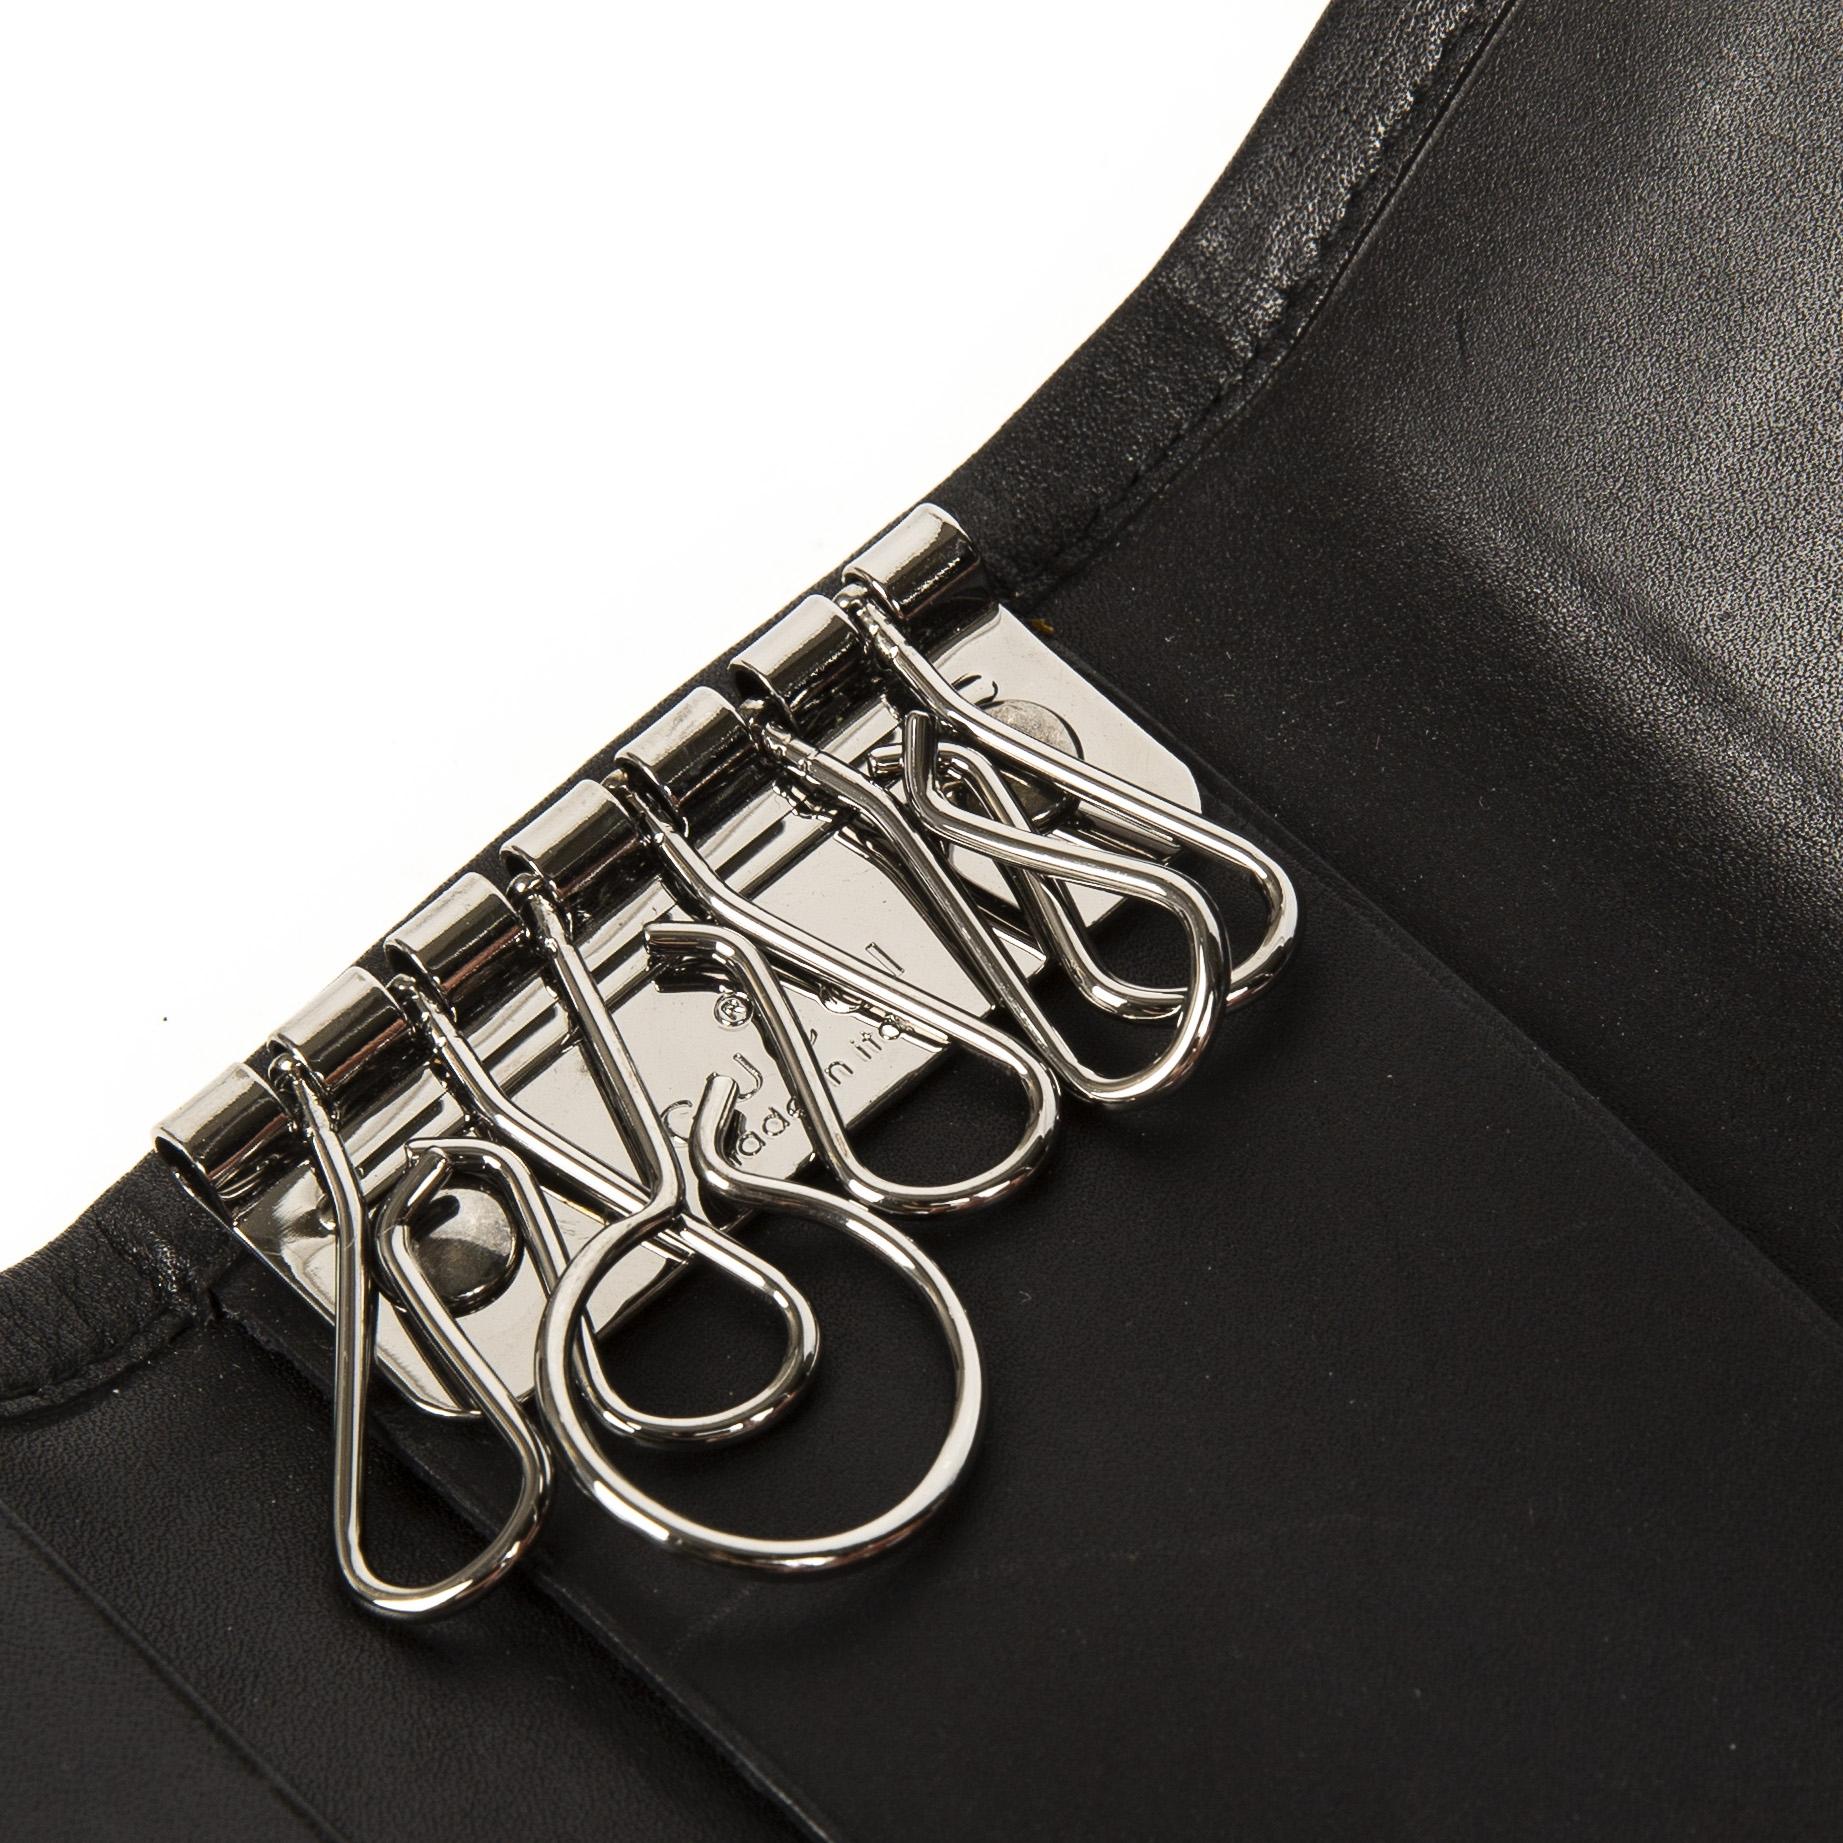 Authentieke tweedehands Gucci black logo keyholder juiste prijs veilig online winkelen LabelLOV webshop luxe merken winkelen Antwerpen België mode fashion